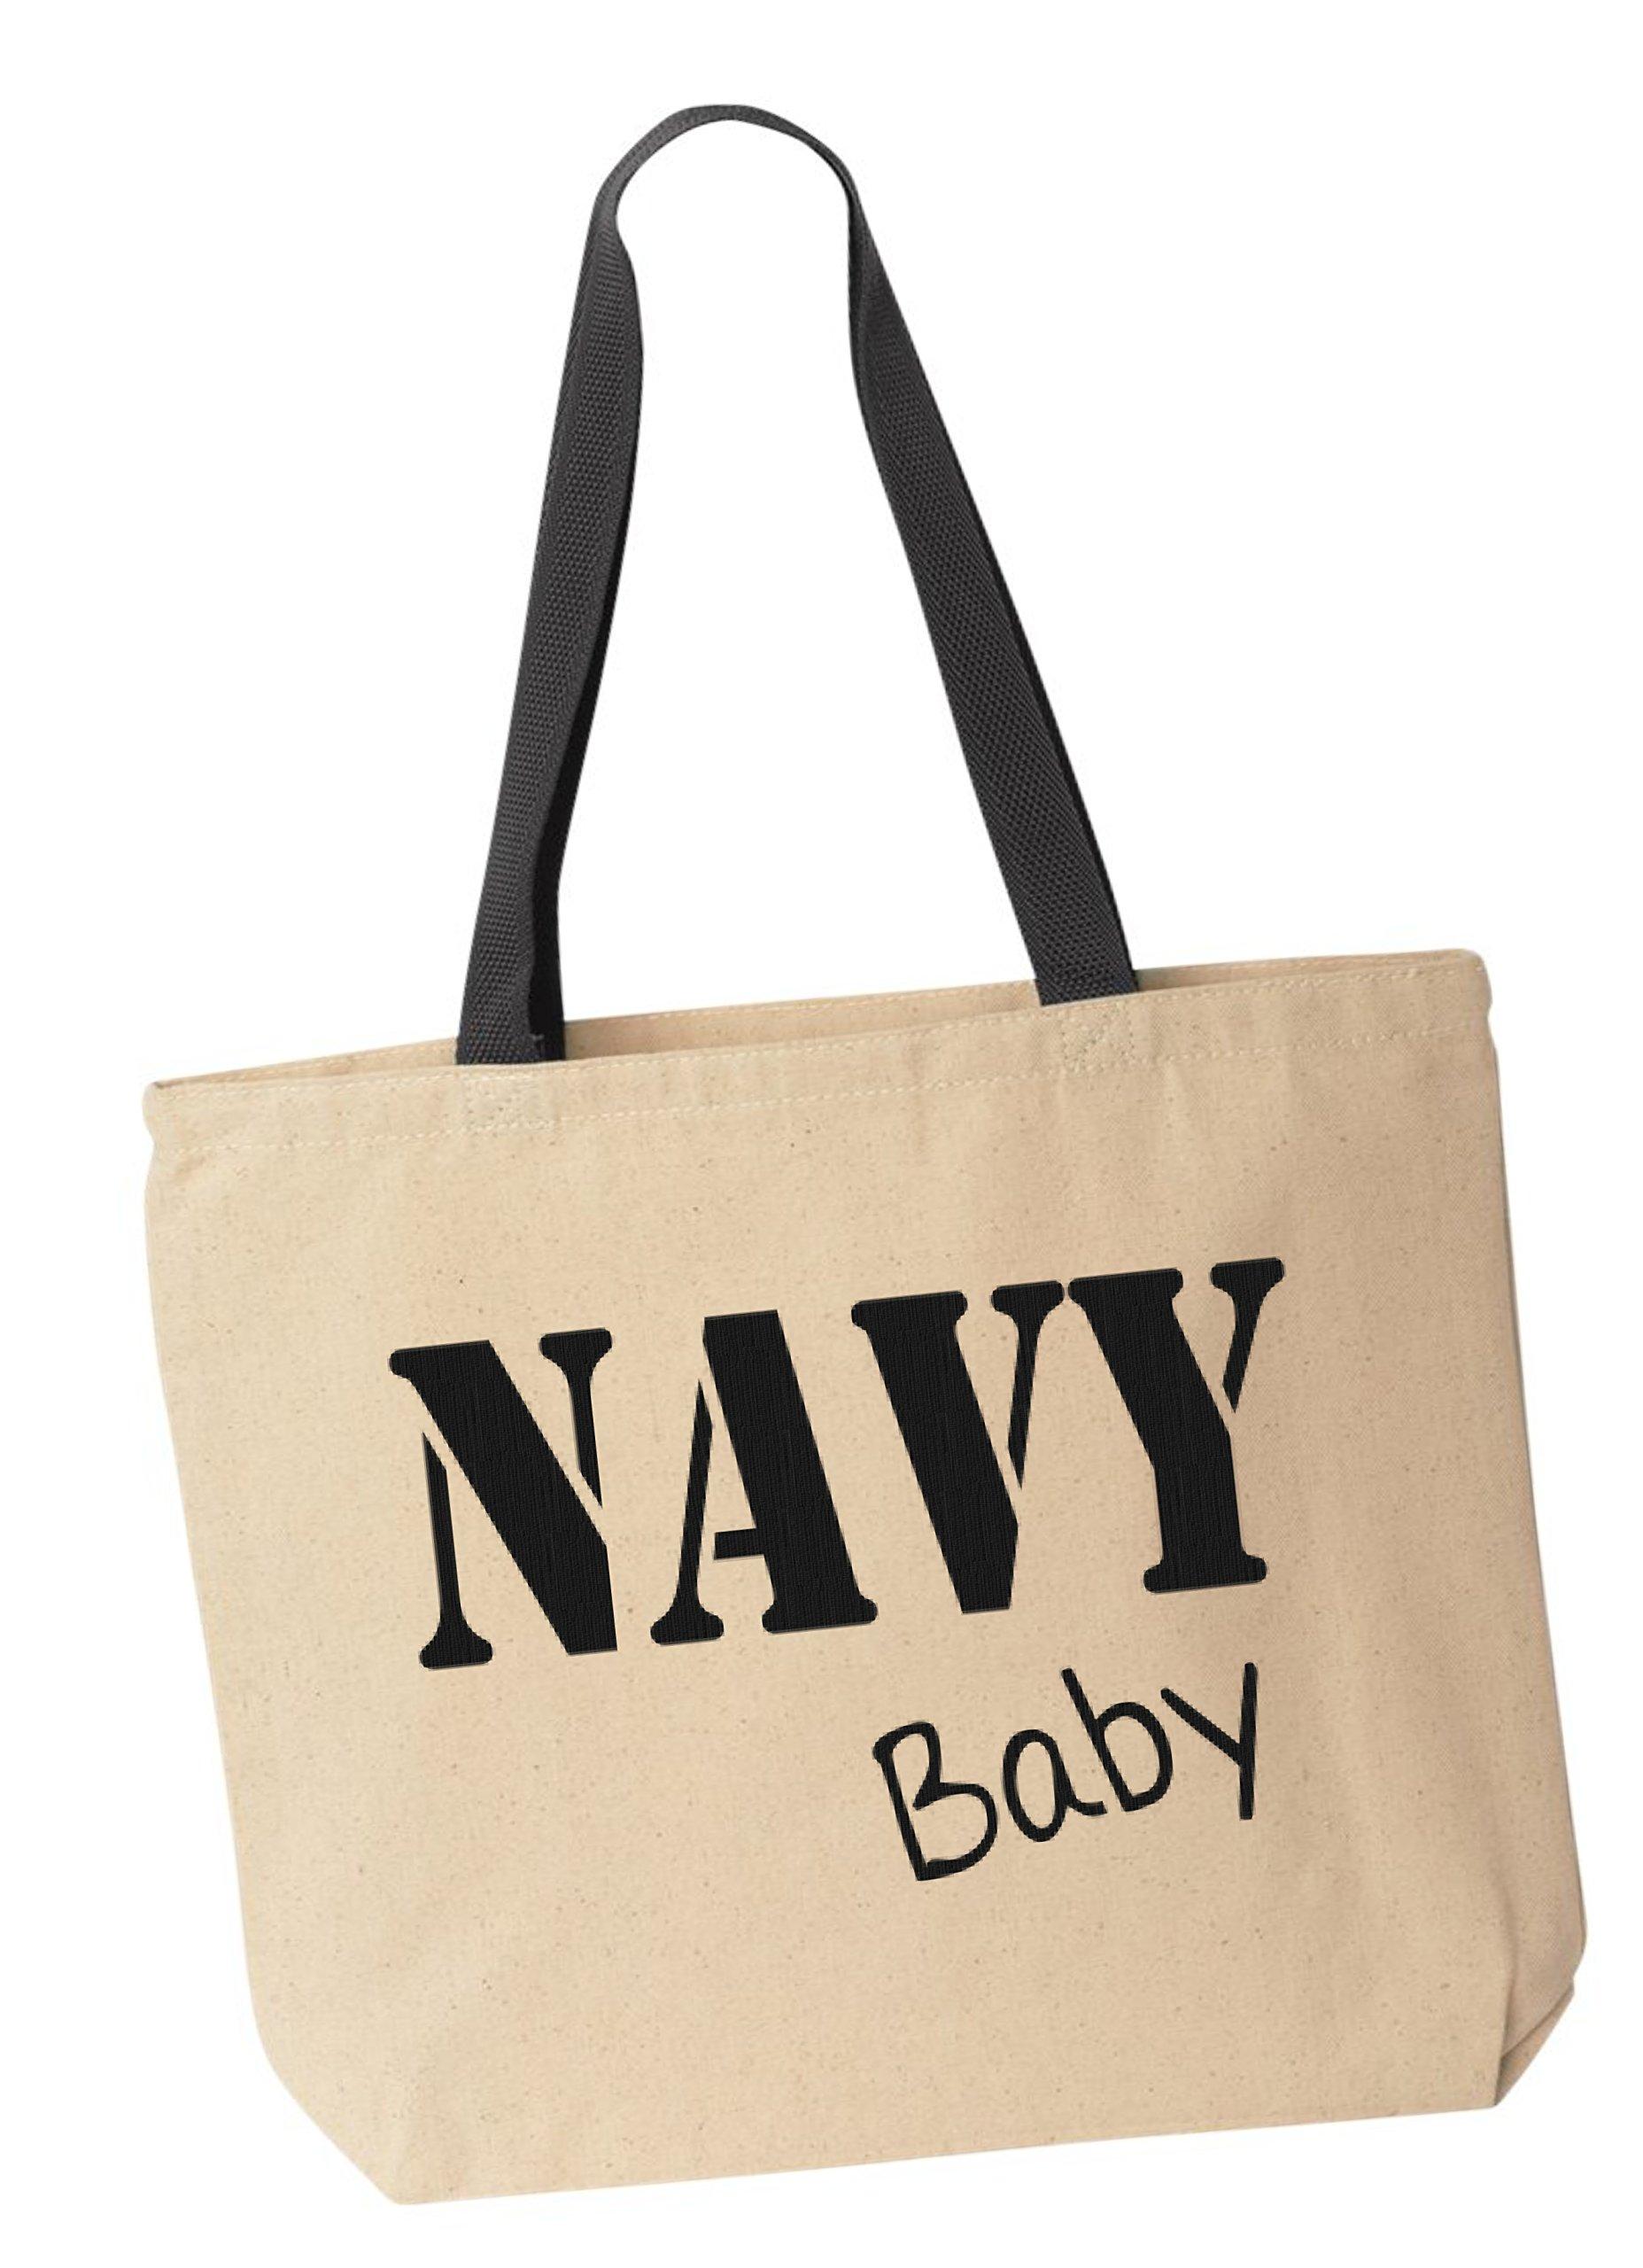 BeeGeeTees NAVY Baby Reusabe Tote Bag Black Handle